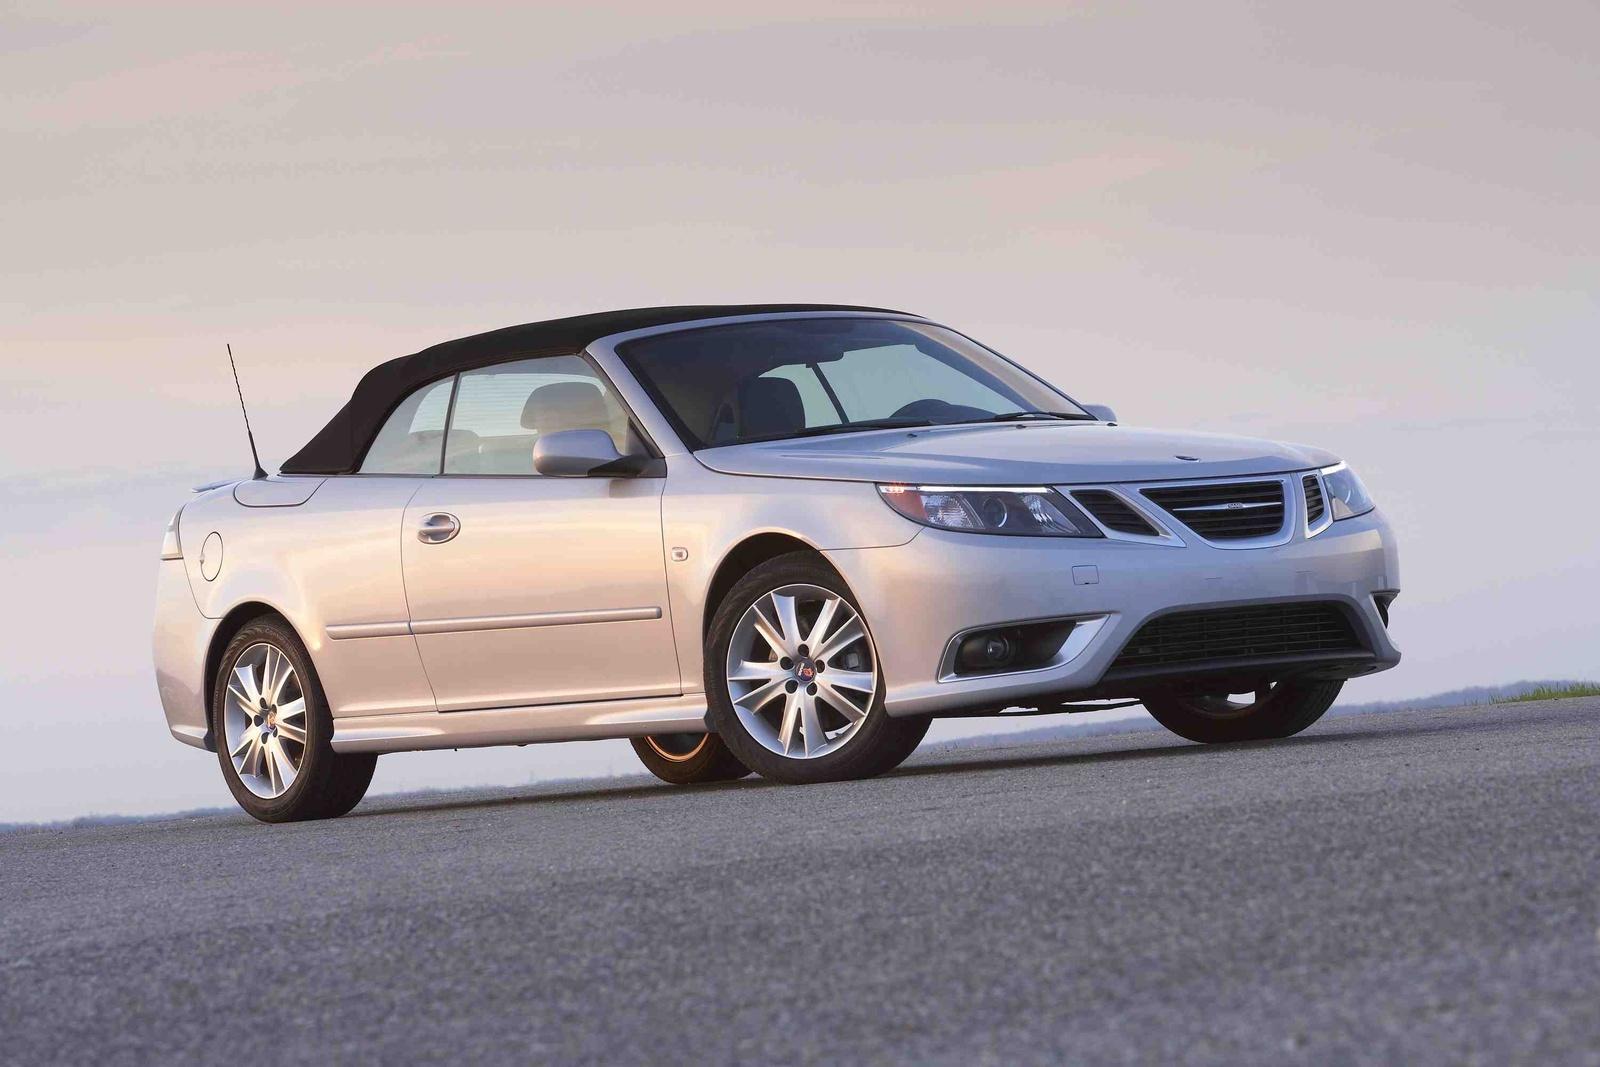 2009 saab 9 7x - 2009 Saab 9 3 2 0t Sportcombi Comfort Wagon Front Right Quarter View